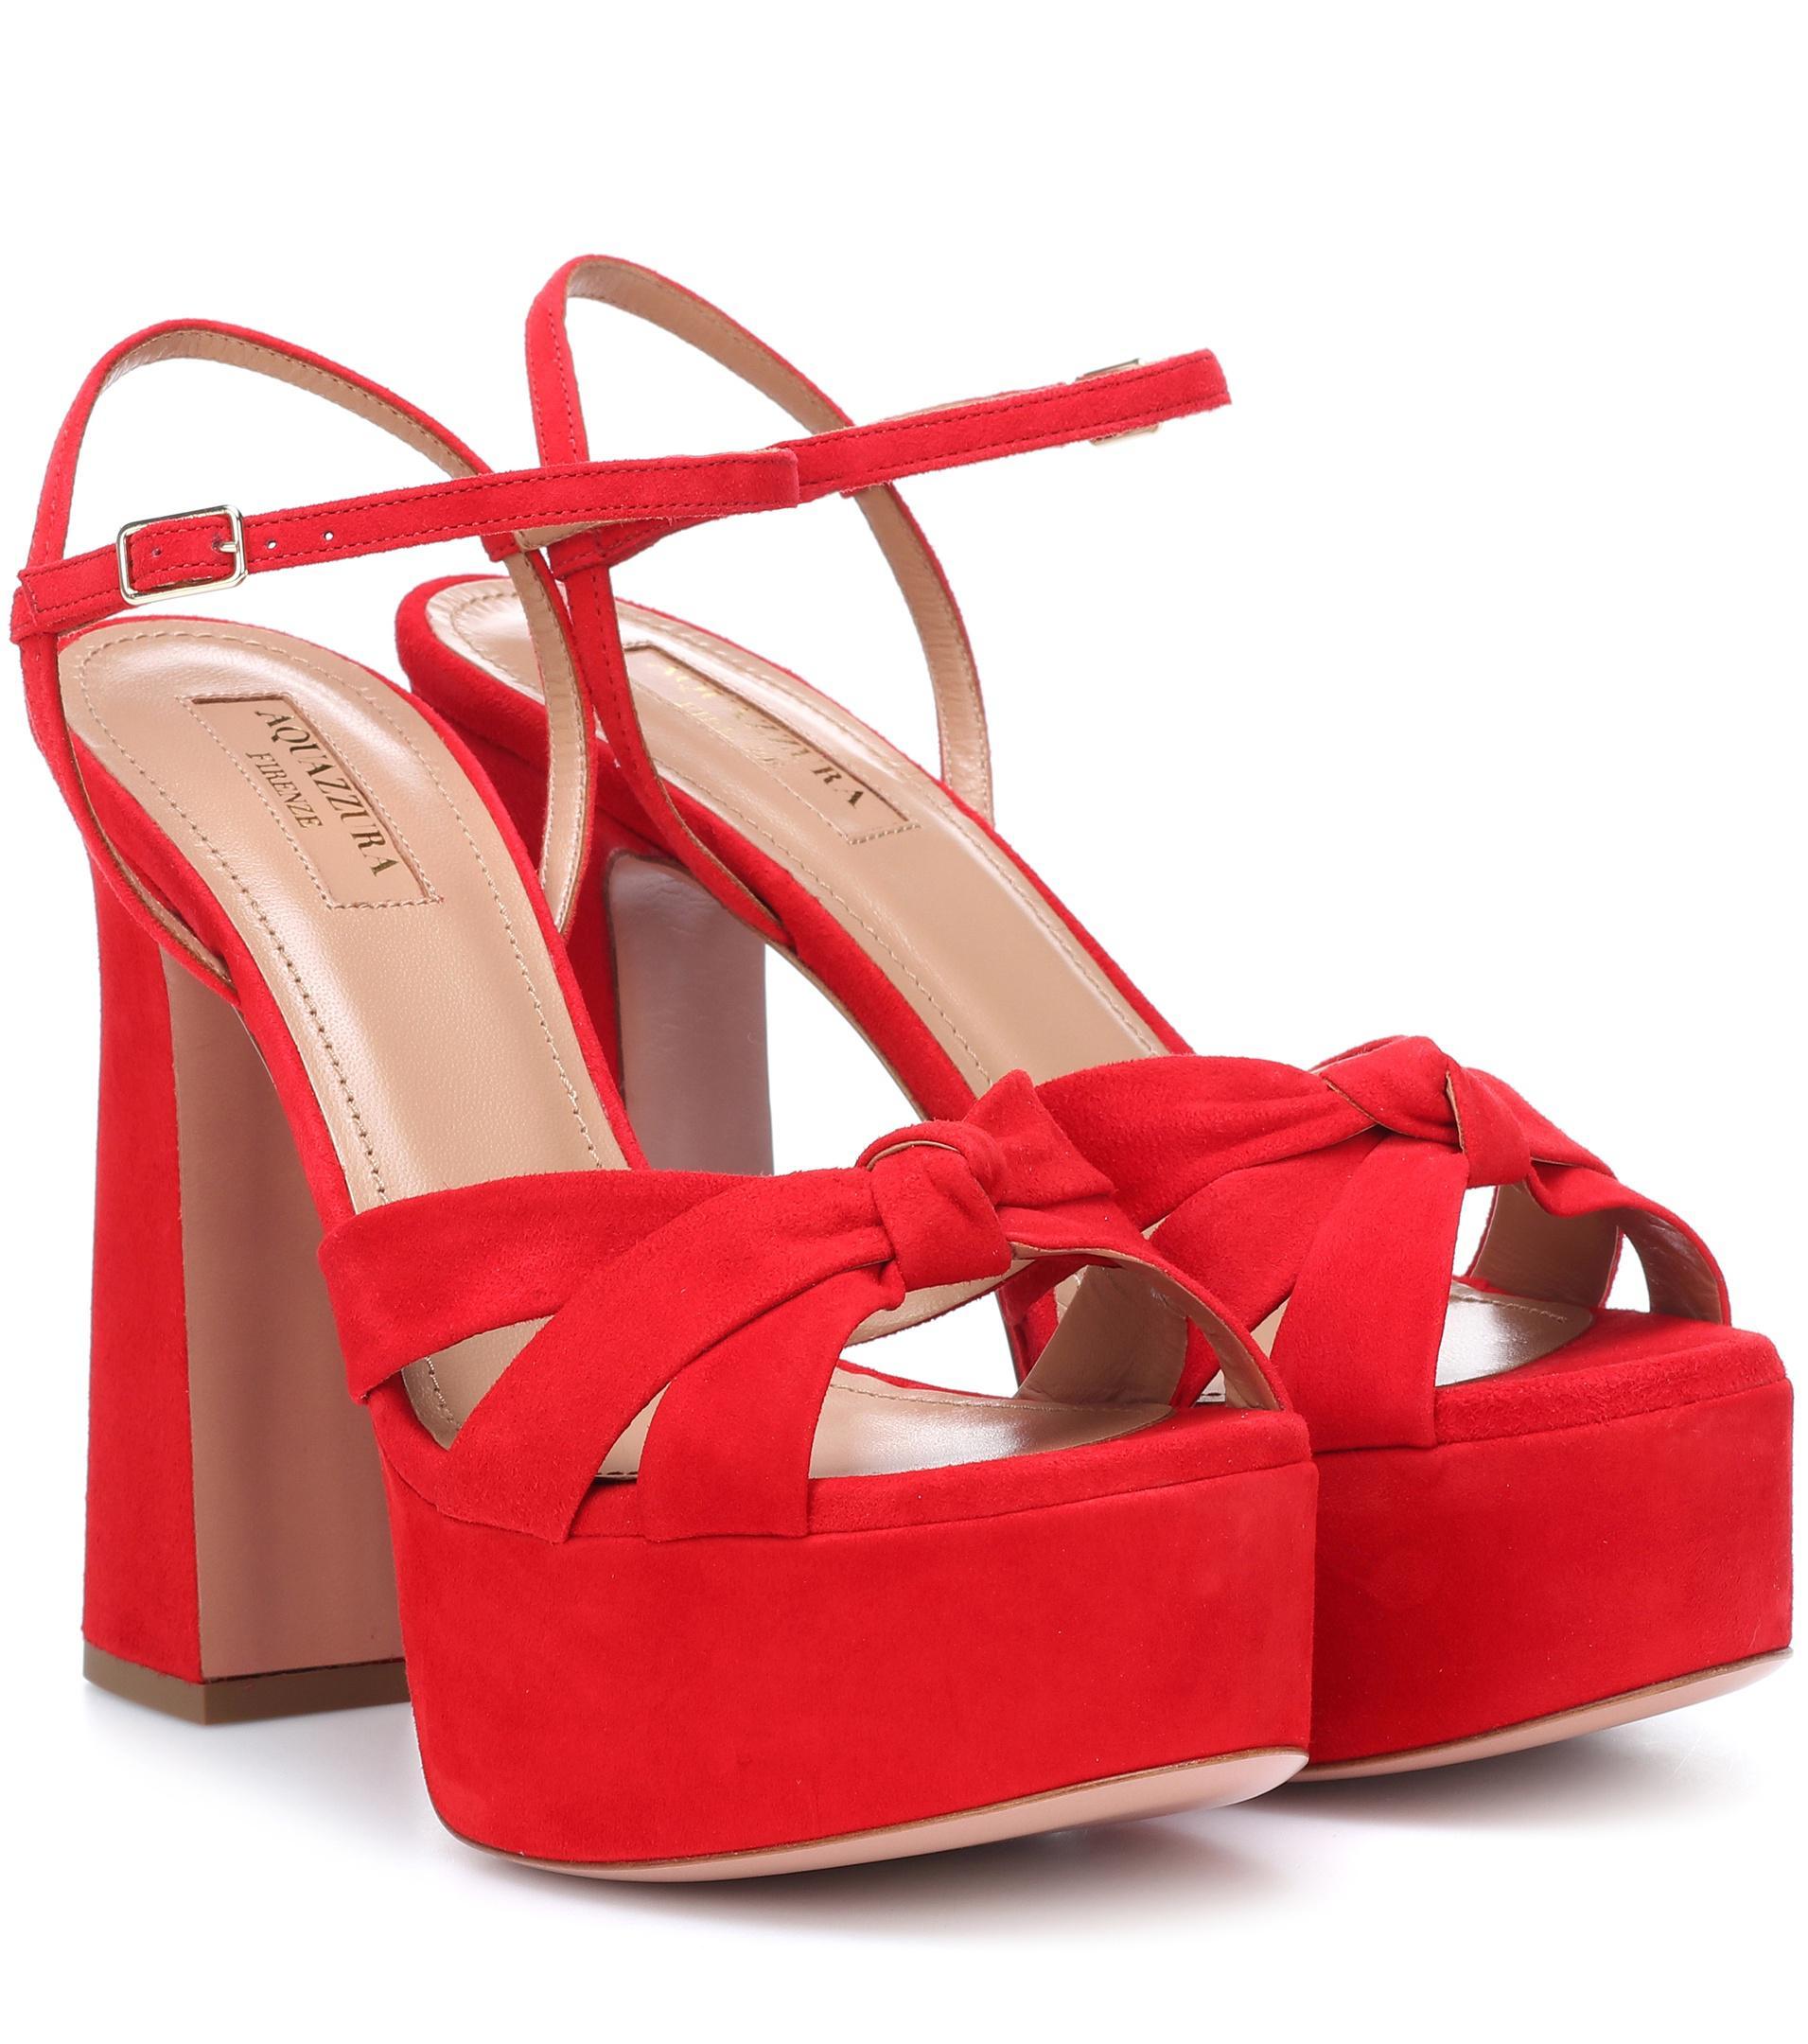 red Baba Plateau 125 suede platform sandals Aquazzura rhWEERN3Wx